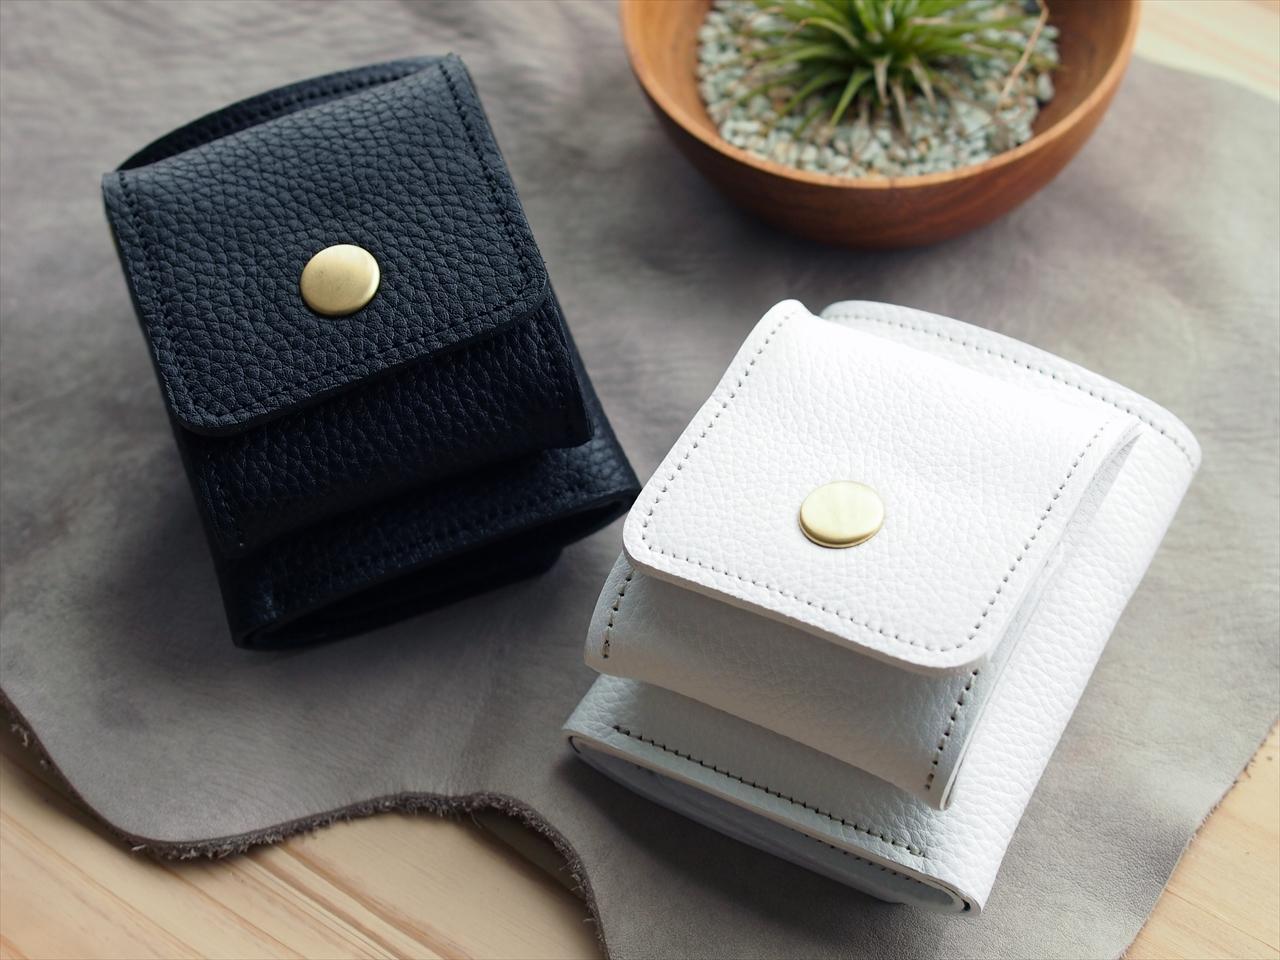 シュリンクレザー コンパクト財布【ホワイト or ブラック】white black 小型ウォレット